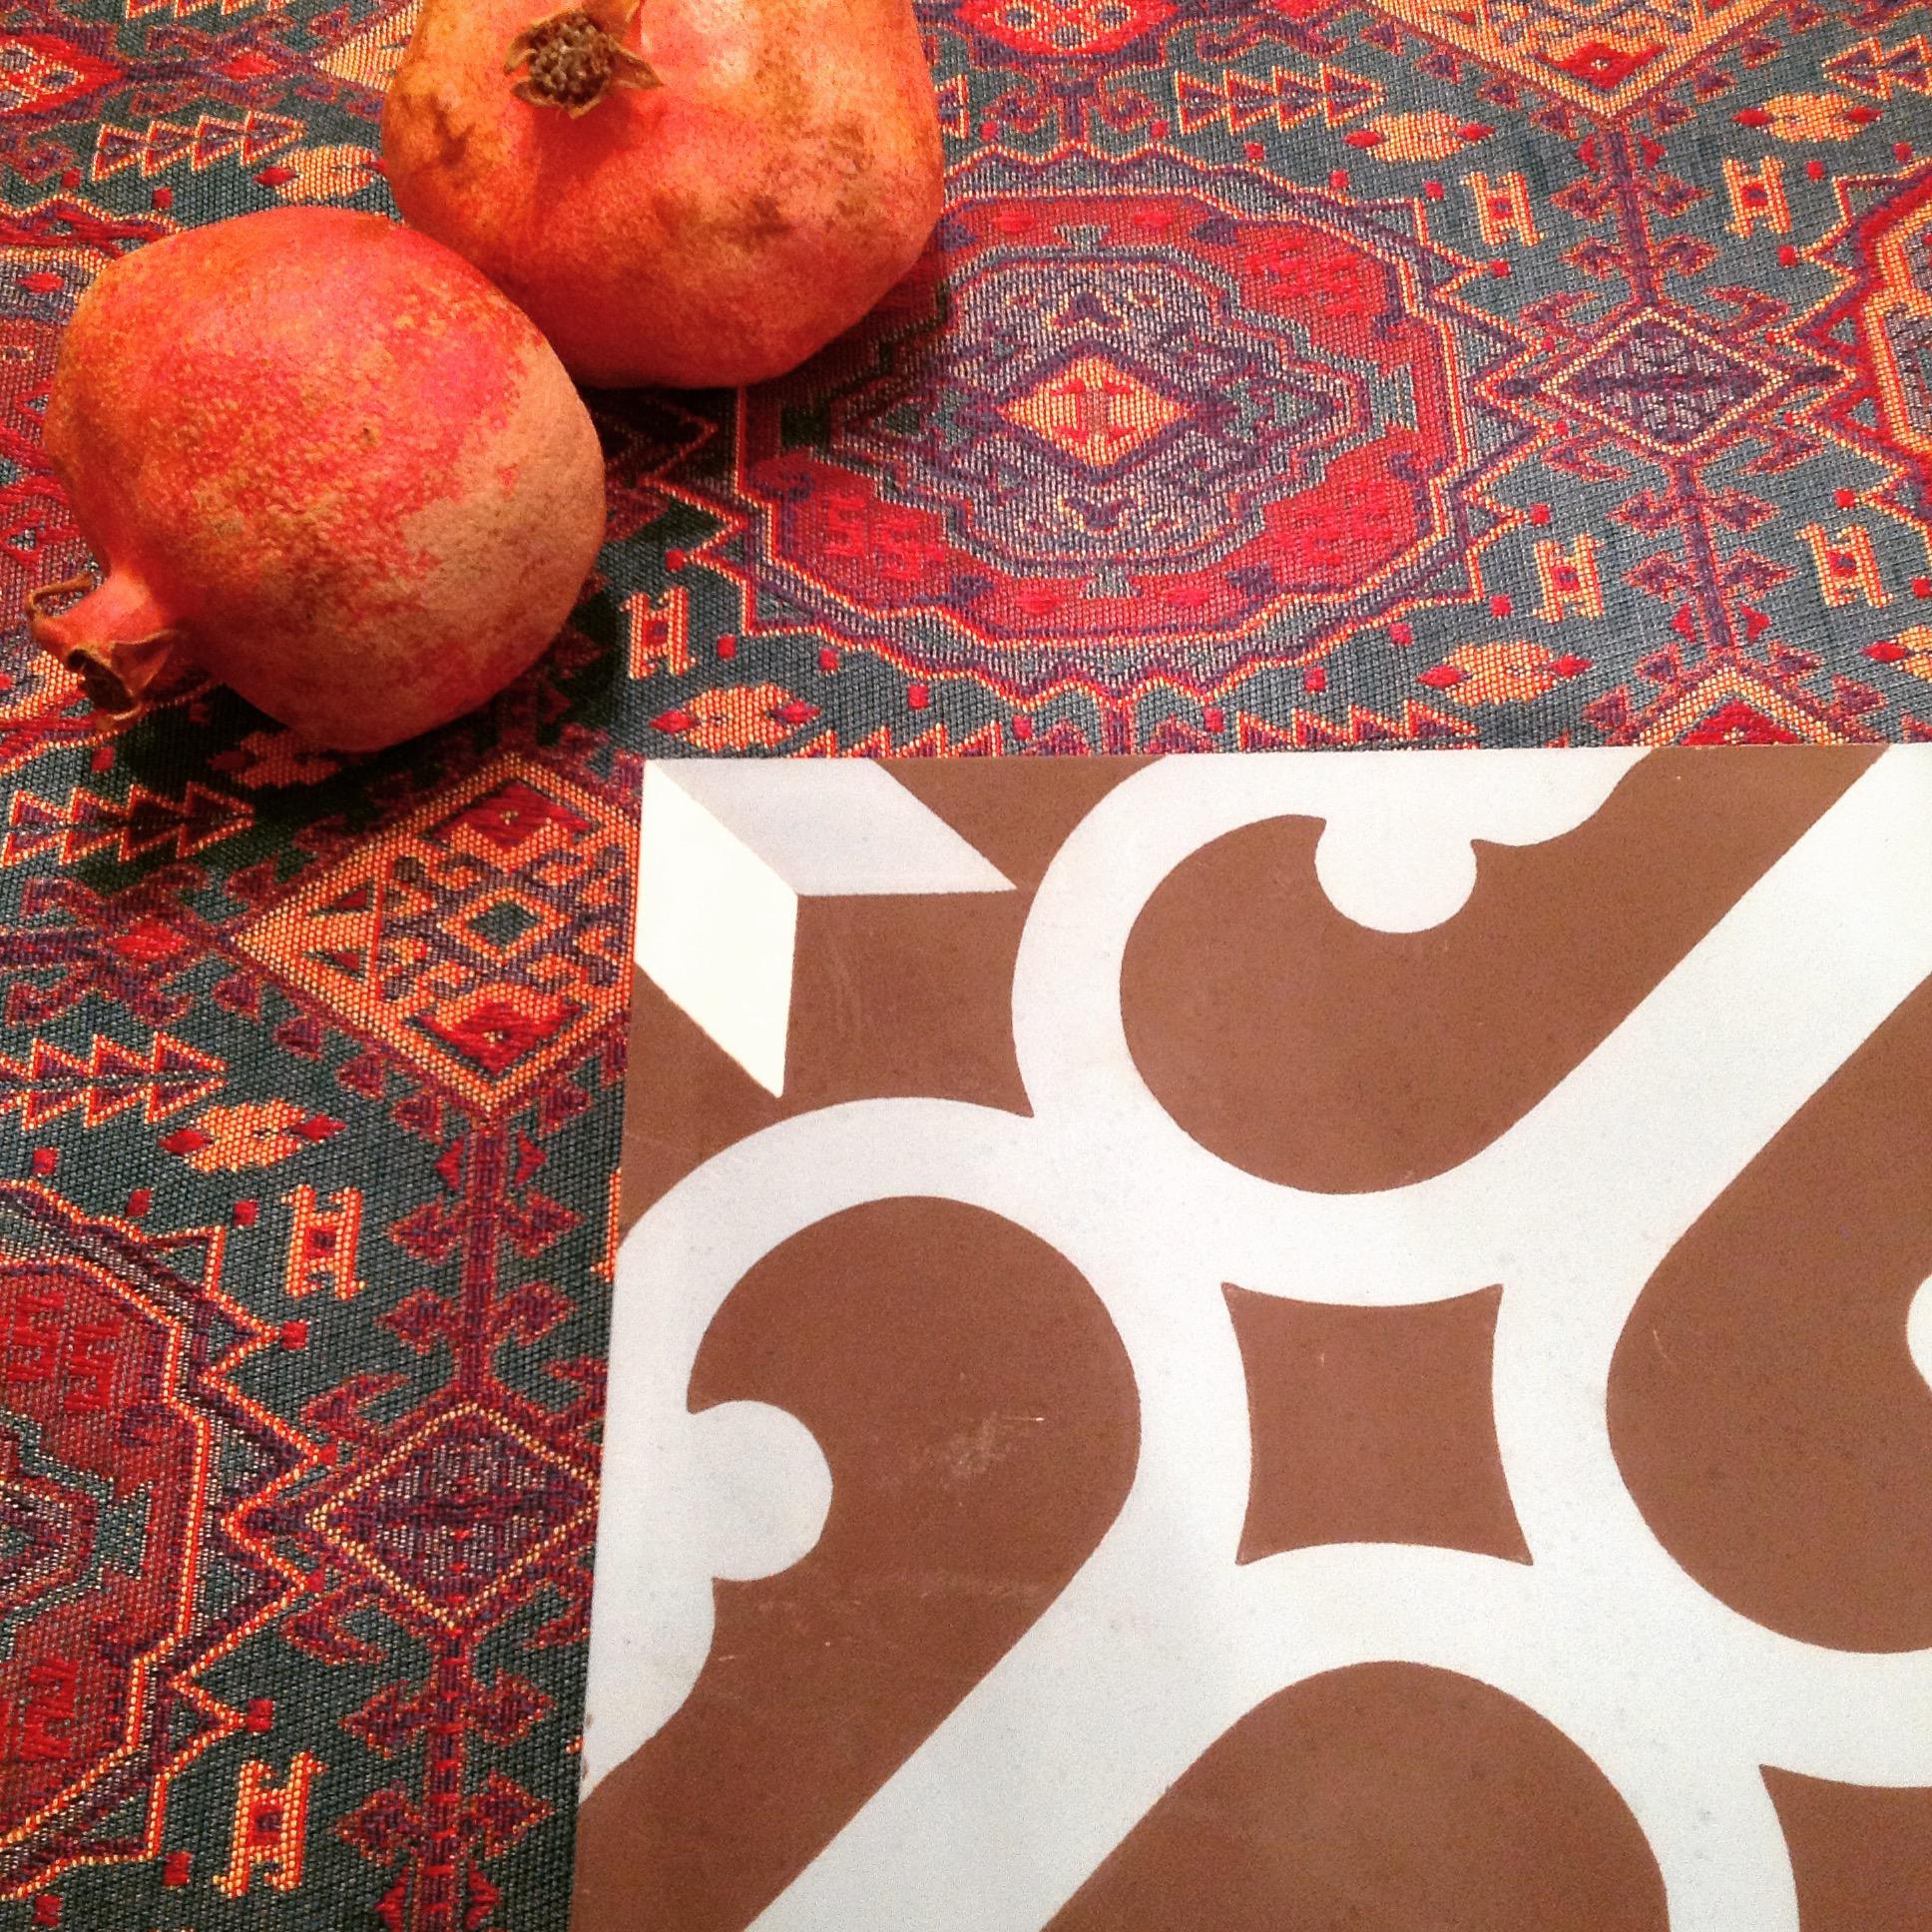 2 cementowe plytki marokanskie kafelki z meksyku urzadzanie wnetrz etniczne mieszkanie interior design ethnic apartment concrete morrocan tiles mexico style santa fe home kolory maroka